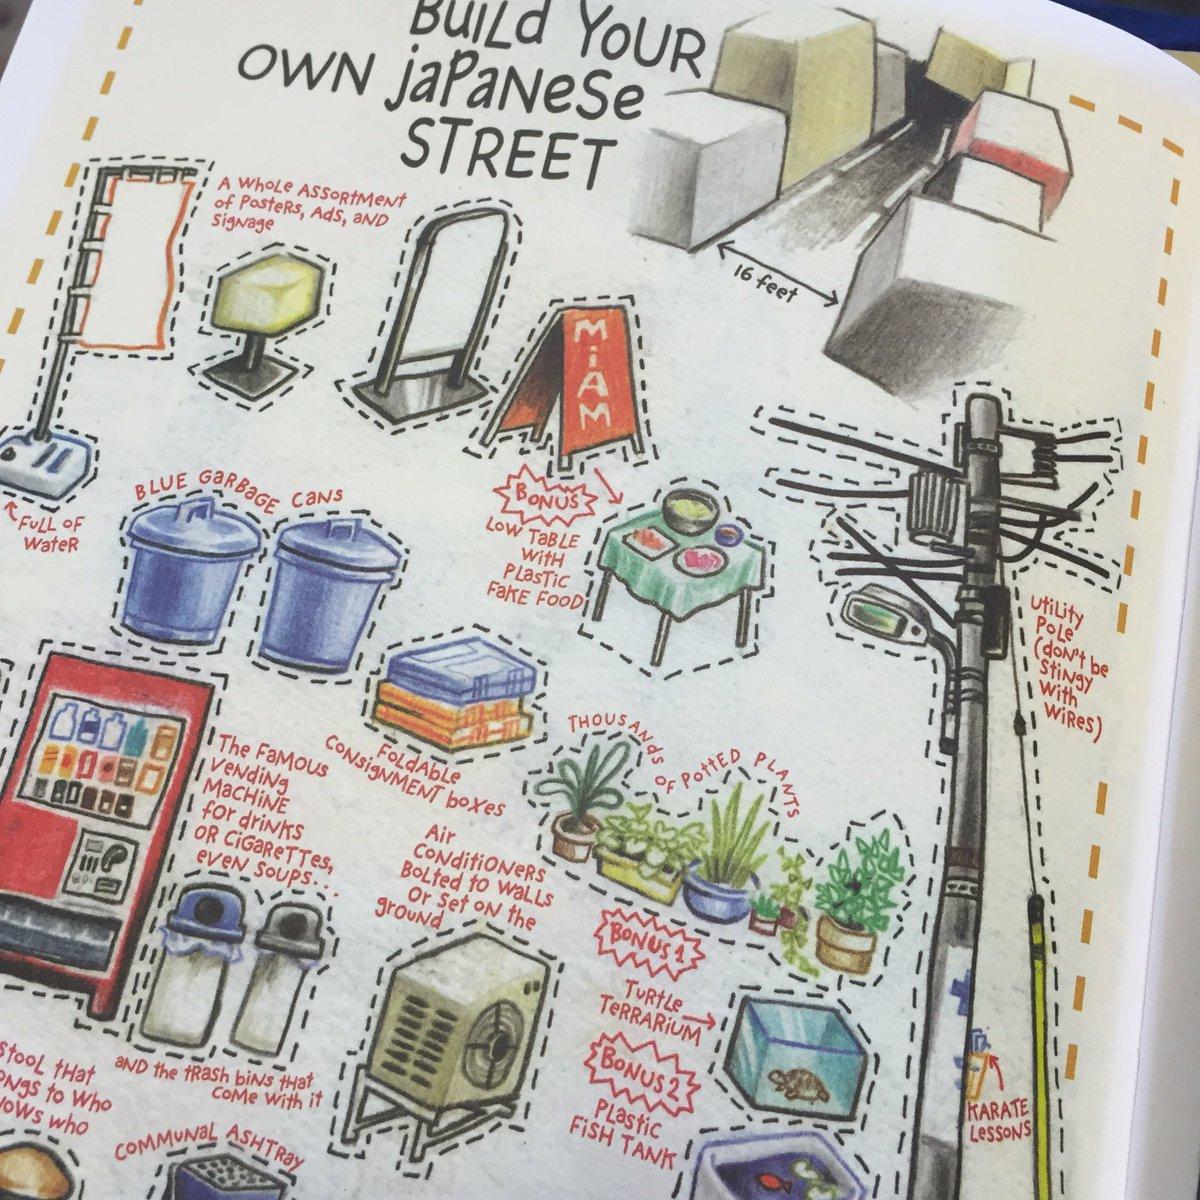 フランス人のイラストレーターが東京滞在中に街角をスケッチしたこの本、わざわざ絵にしないような細かなものまでちょっとシニカルな視点で描きとめててとても好き。外国人目線の日本の街角図鑑。